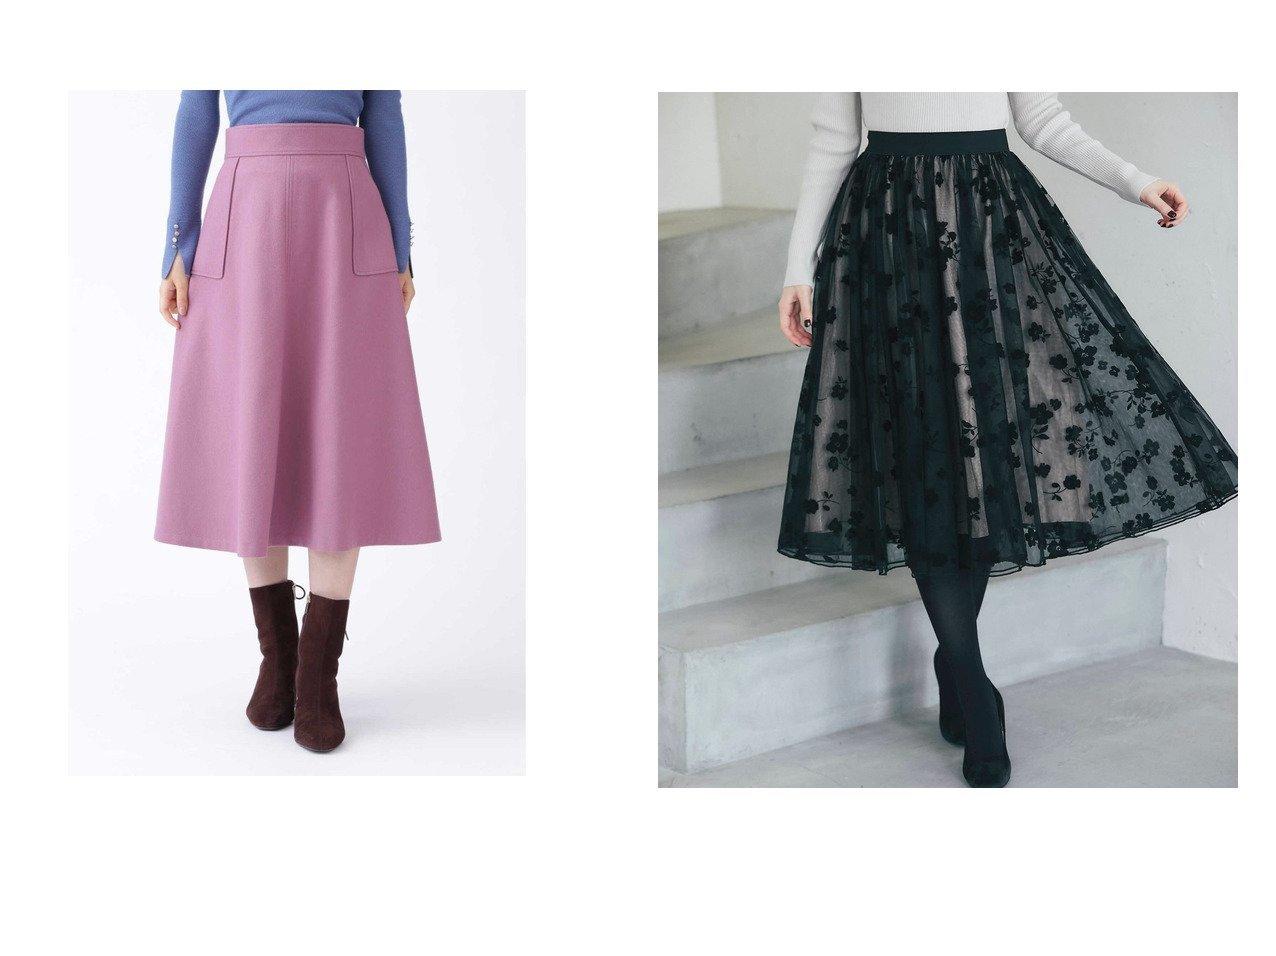 【JILLSTUART/ジルスチュアート】のクレアスカート&【tocco closet/トッコ クローゼット】のフロッキーフラワープリントボリュームチュールスカート スカートのおすすめ!人気、トレンド・レディースファッションの通販 おすすめで人気の流行・トレンド、ファッションの通販商品 メンズファッション・キッズファッション・インテリア・家具・レディースファッション・服の通販 founy(ファニー) https://founy.com/ ファッション Fashion レディースファッション WOMEN スカート Skirt Aライン/フレアスカート Flared A-Line Skirts フレア ポケット メルトン 冬 Winter ギャザー クラシカル シンプル チュール プリント ロマンティック  ID:crp329100000015813